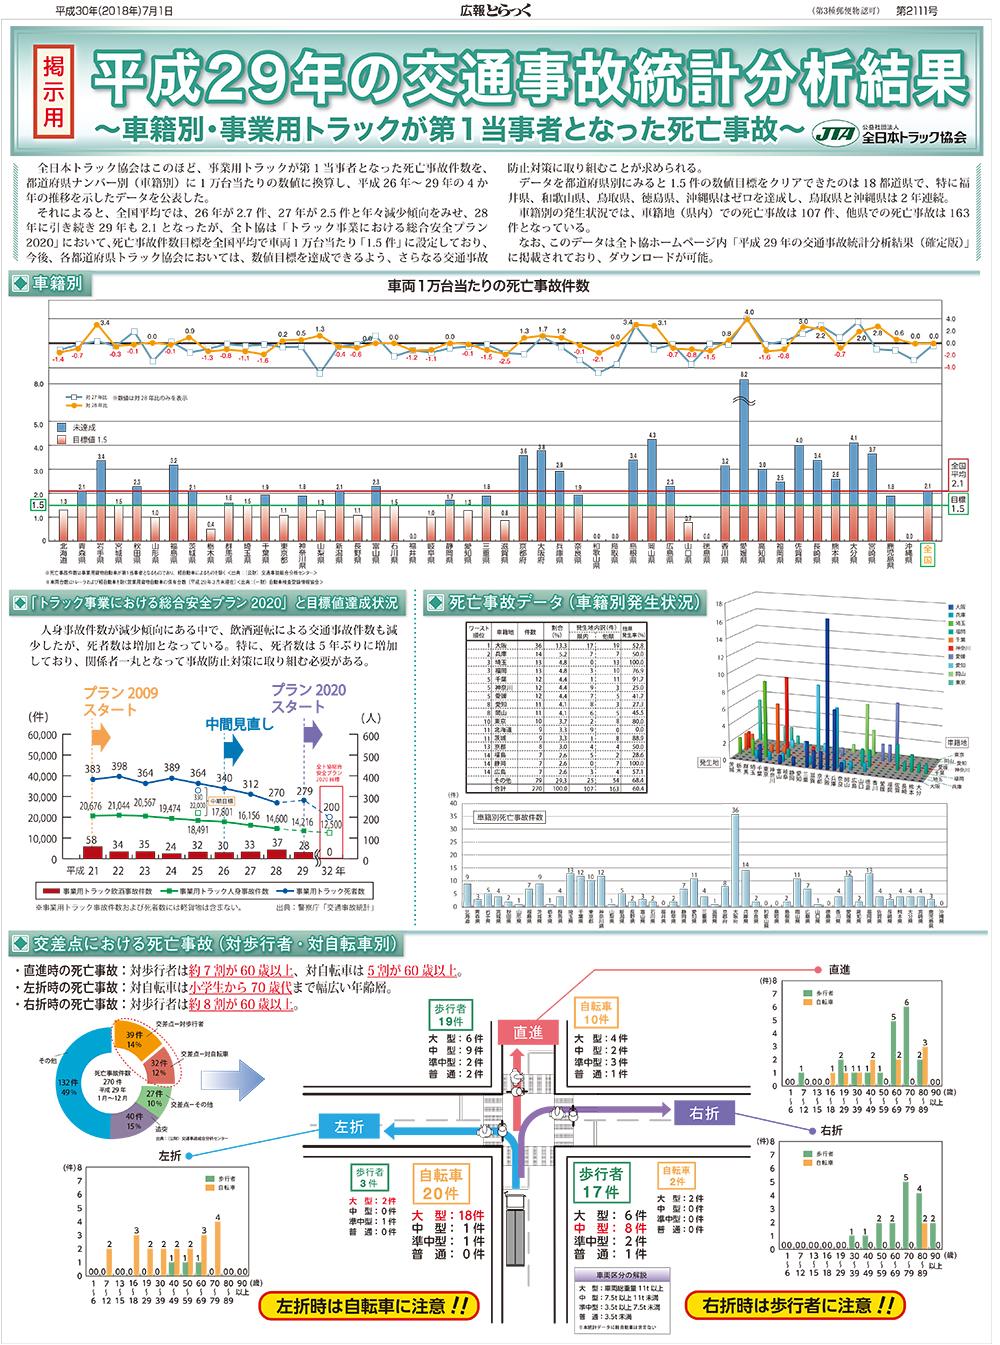 平成29年中交通事故統計分析結果〔車籍別:掲出用ポスター〕